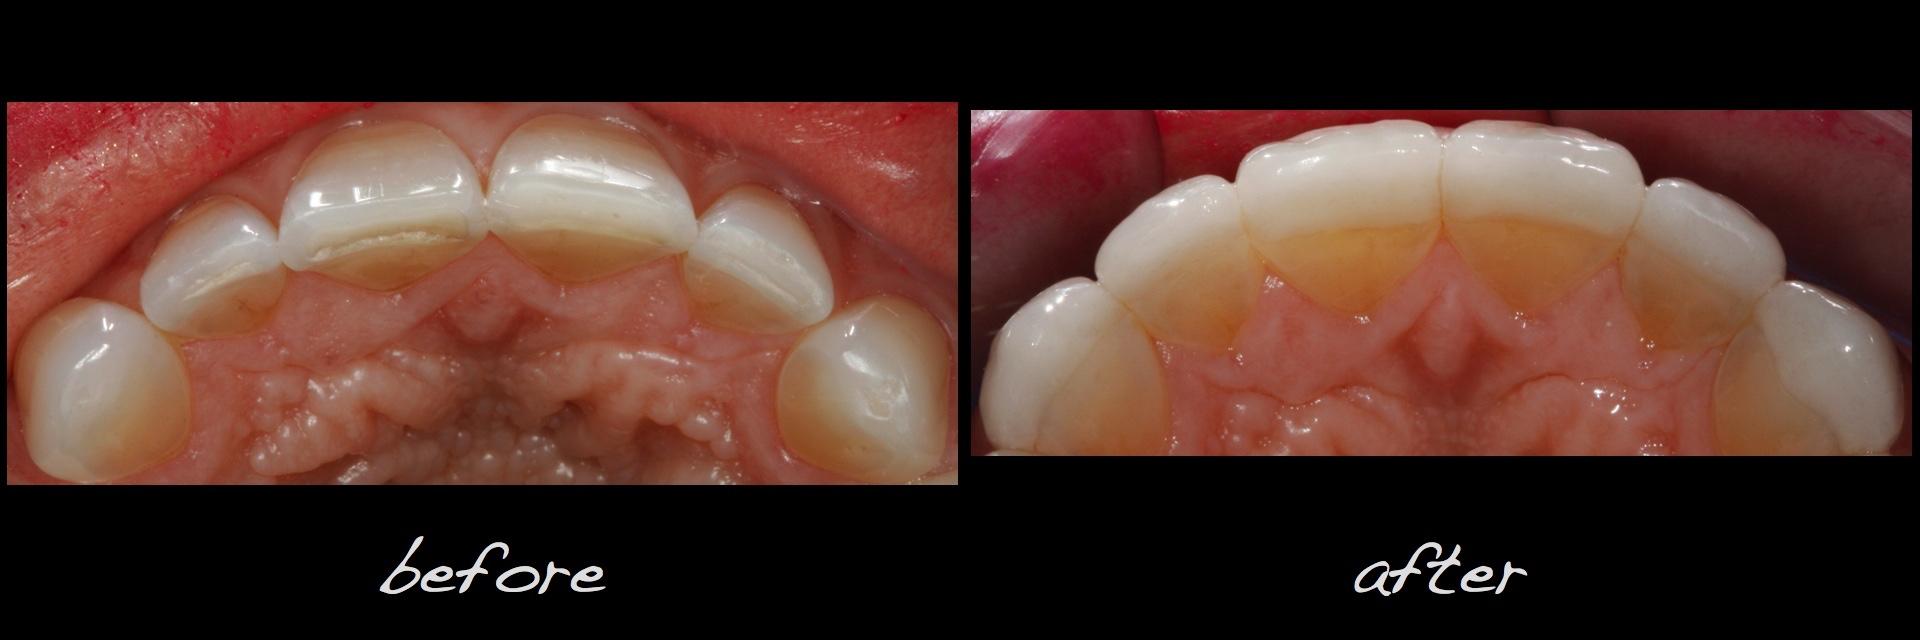 Full Mouth Dental Implants Denver